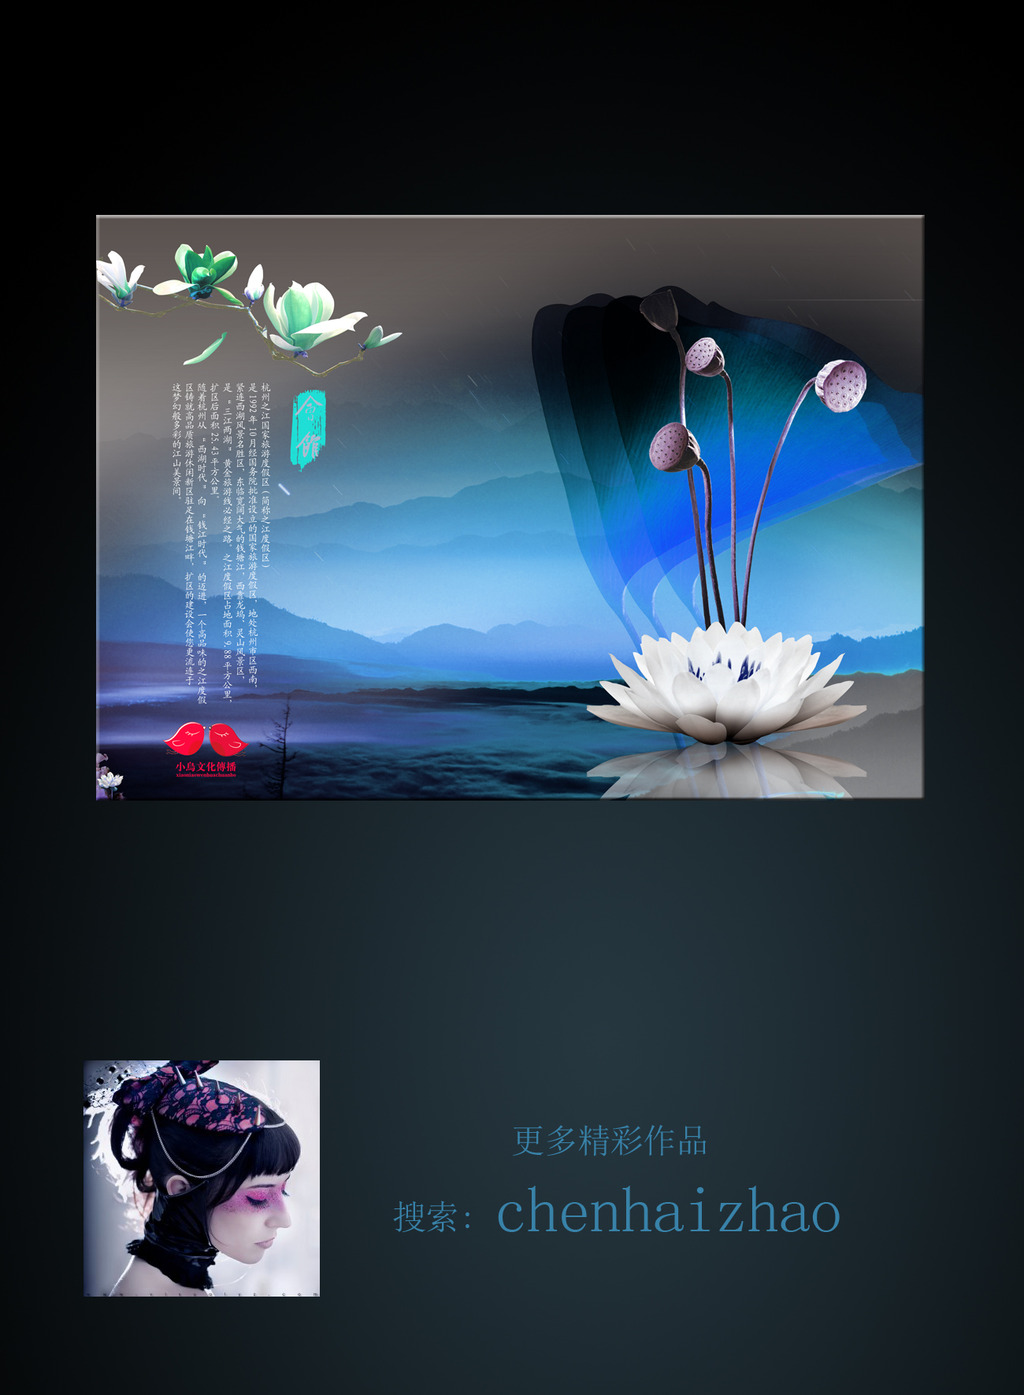 平面设计 海报设计 中国风海报 > 中国风湖边风景海报  下一张&